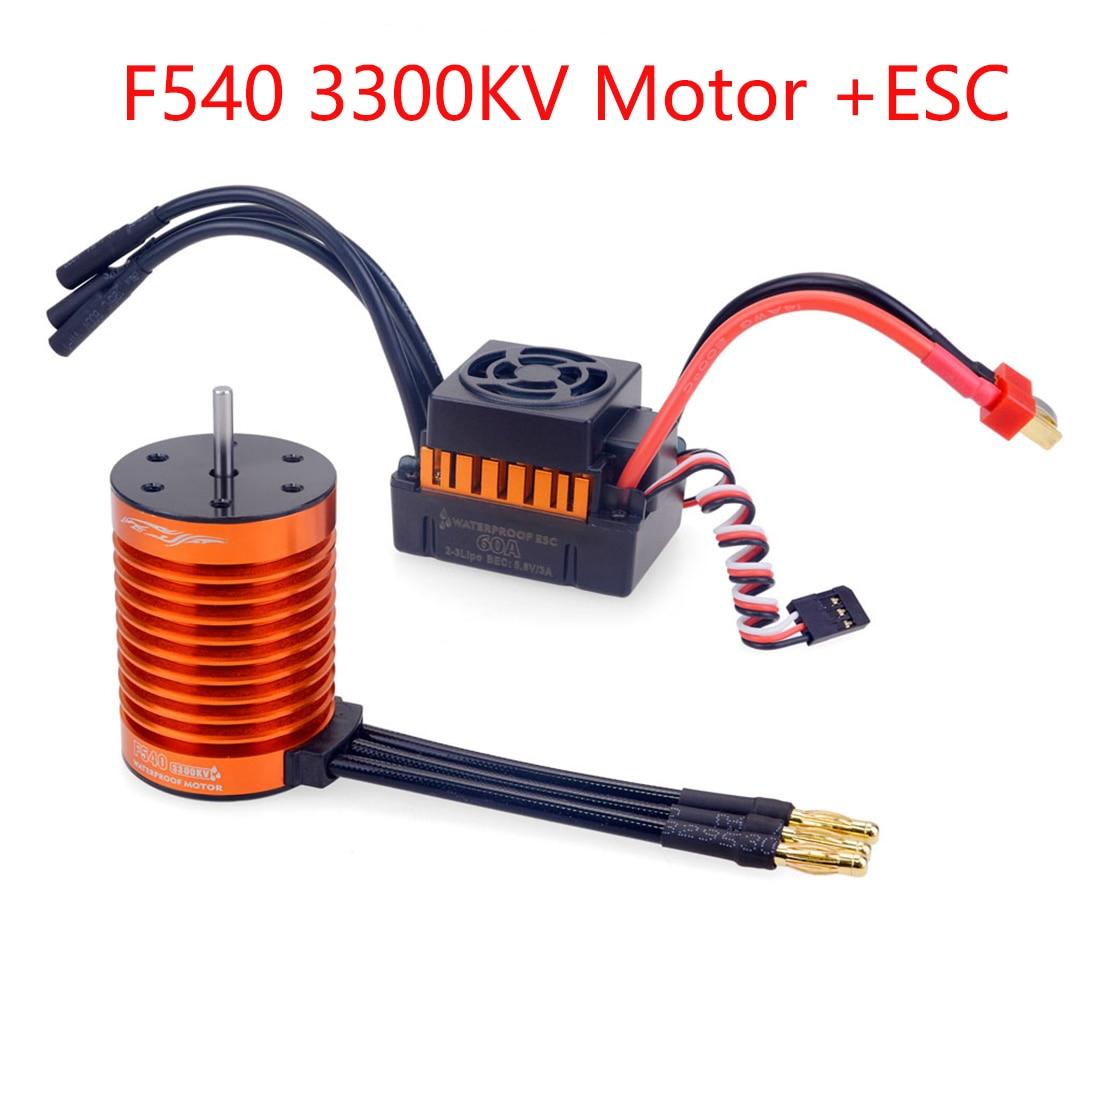 KM/_ Waterproof 3650 3900KV Brushless Motor 60A ESC Combo Set for 1:10 RC Car T